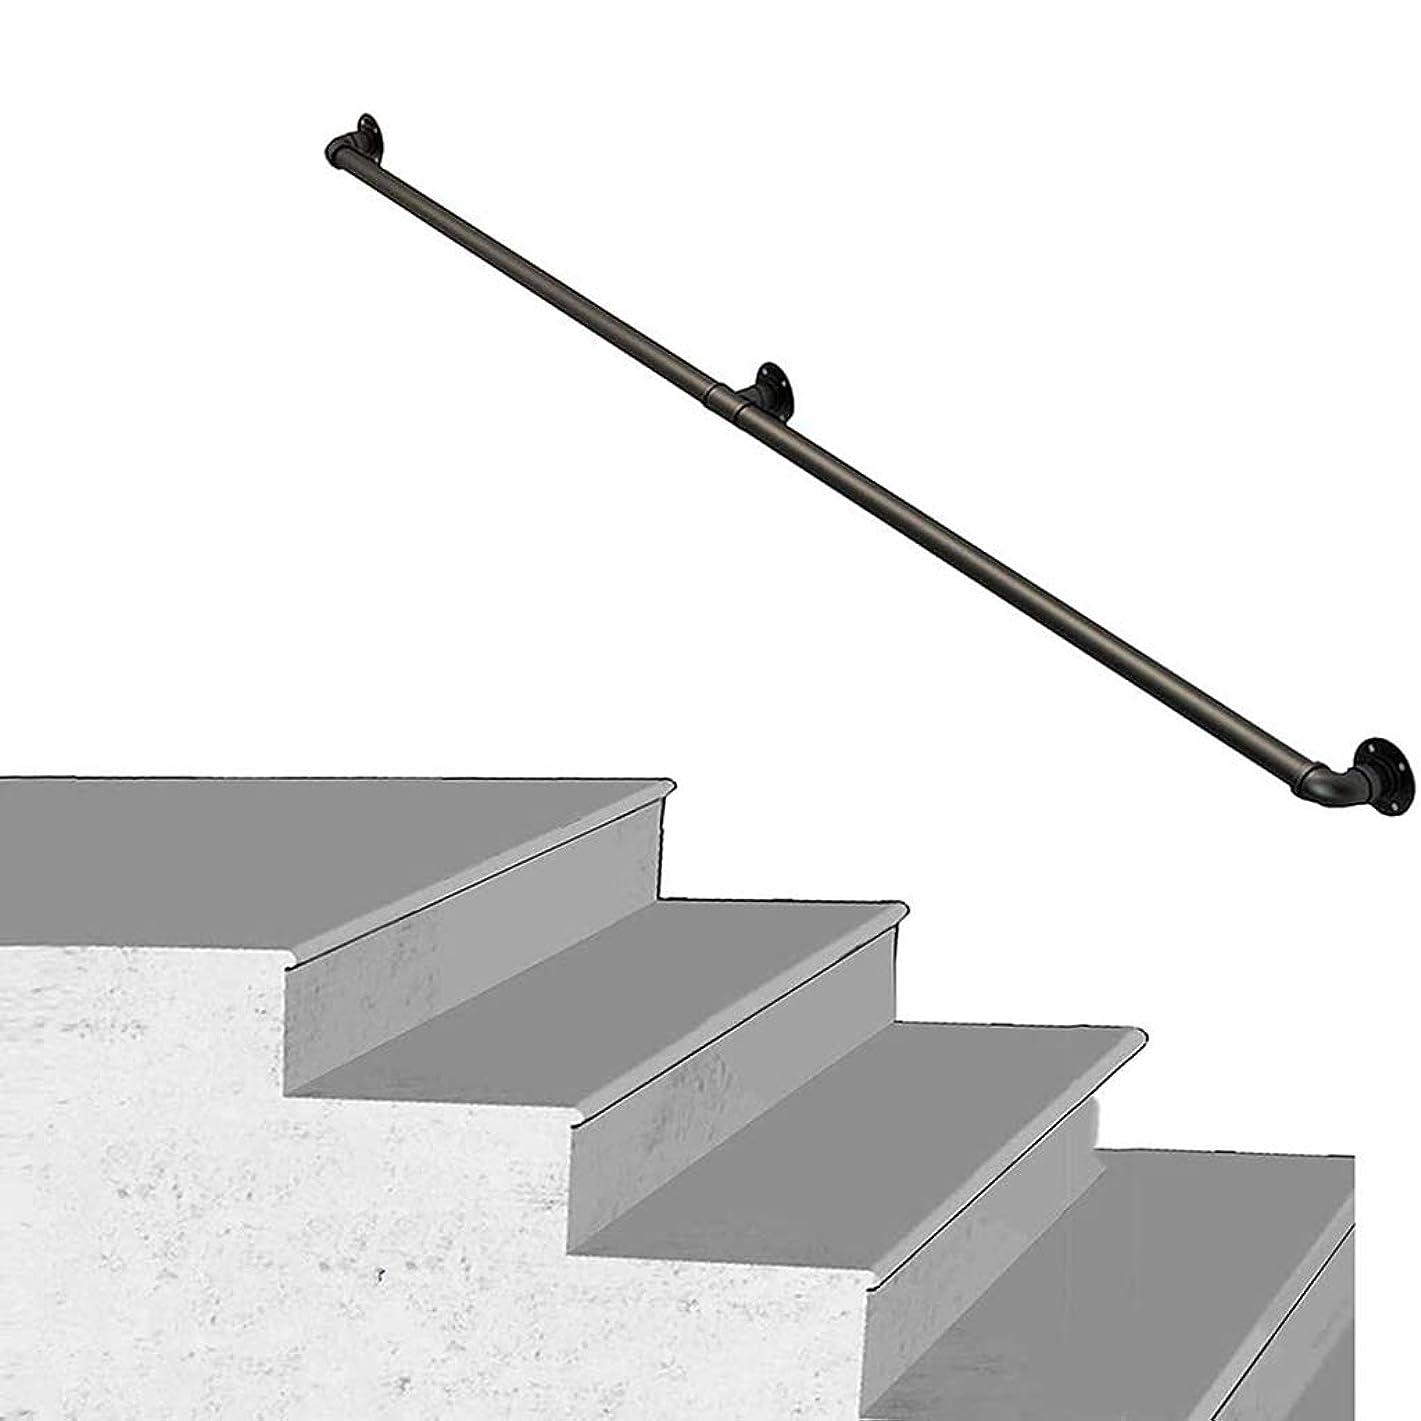 アラバマエチケット怠な階段1FT-20FT用手すり、プロフェッショナル素朴な産業錬鉄パイプ階段バニスターレールウォールサポート手すりキット、屋外屋内階段ポーチデッキハンドレール、グラブバー,12ft